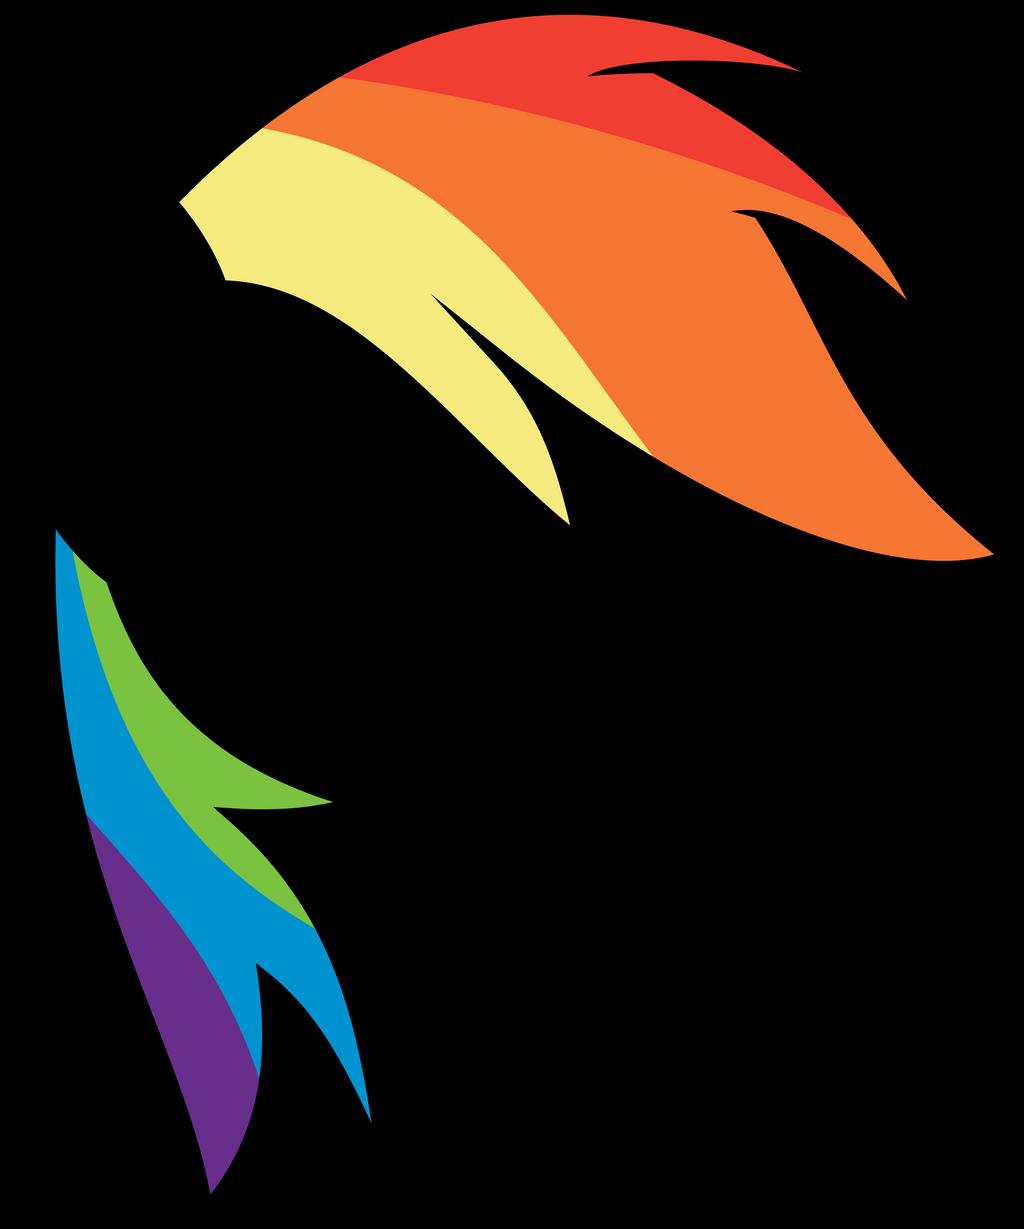 Minimal Rainbow Dash Thing by uxyd